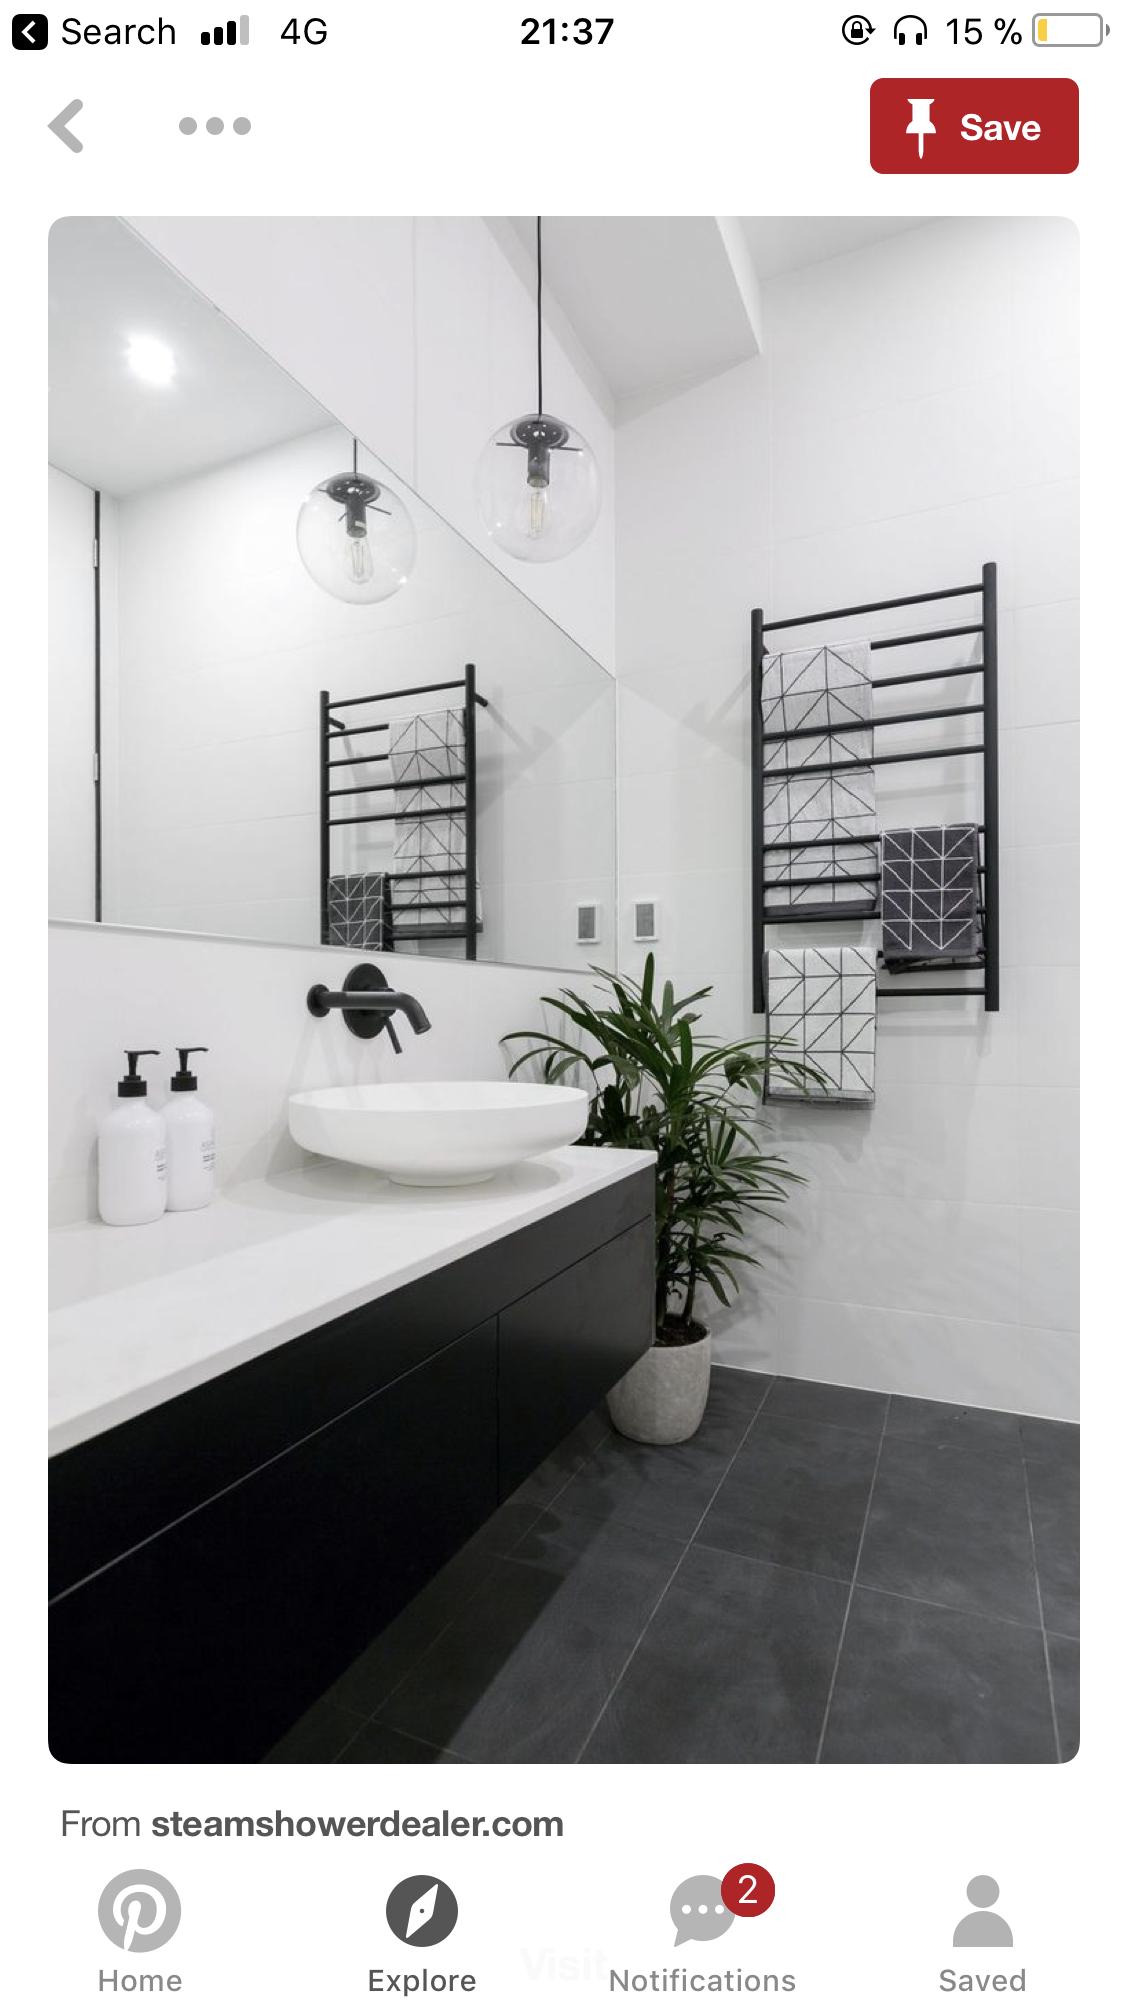 Pin by Sylwia Płonka on Moje mieszkanie | Pinterest | Bathroom inspo ...